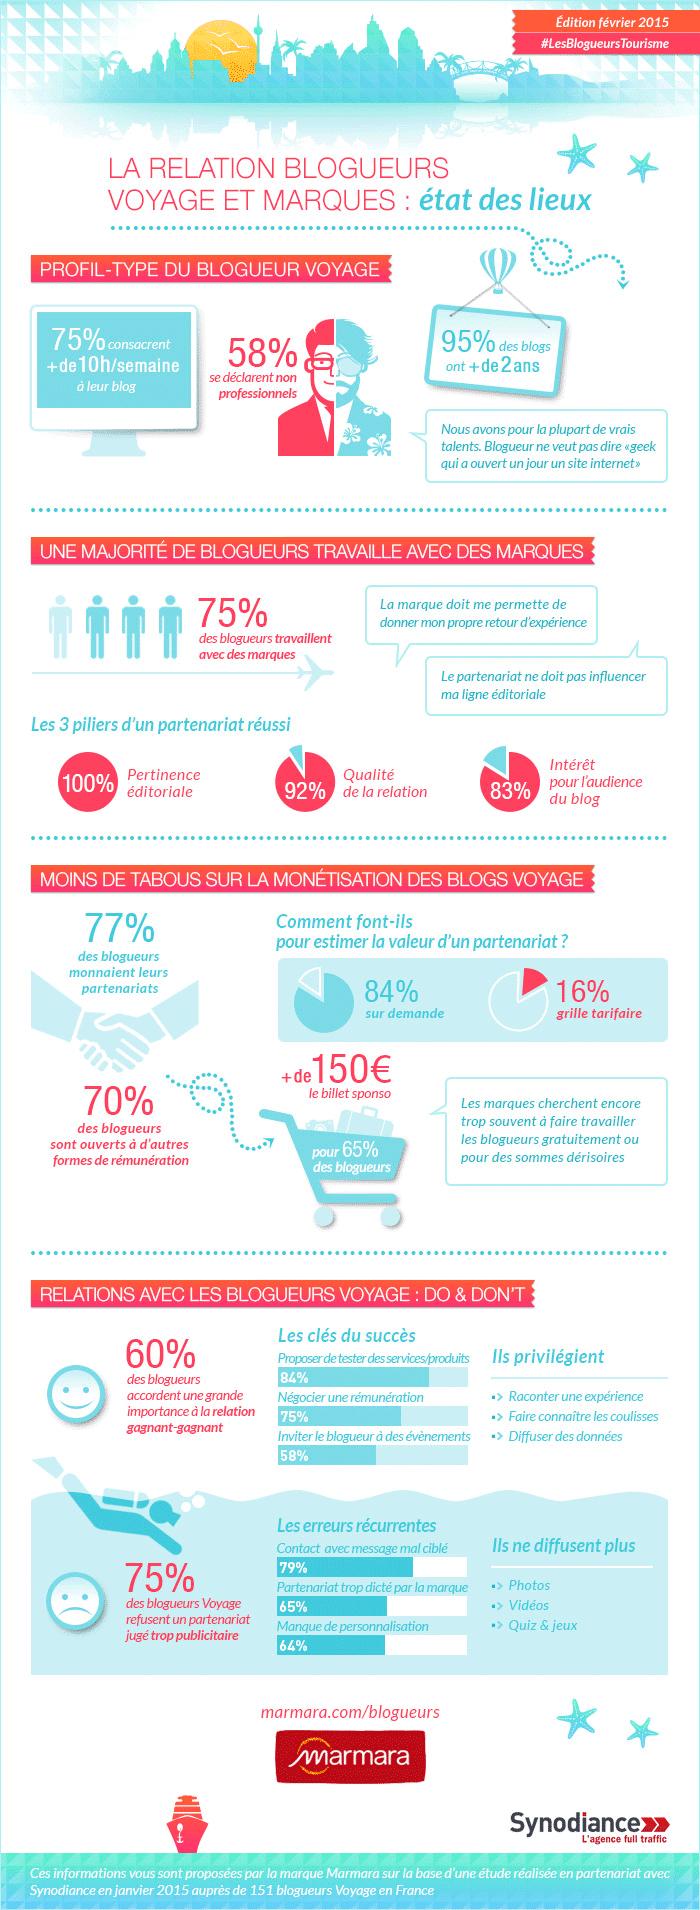 Une infographie autour de l'étude des relations marques-blogueurs dans le tourisme en 2015